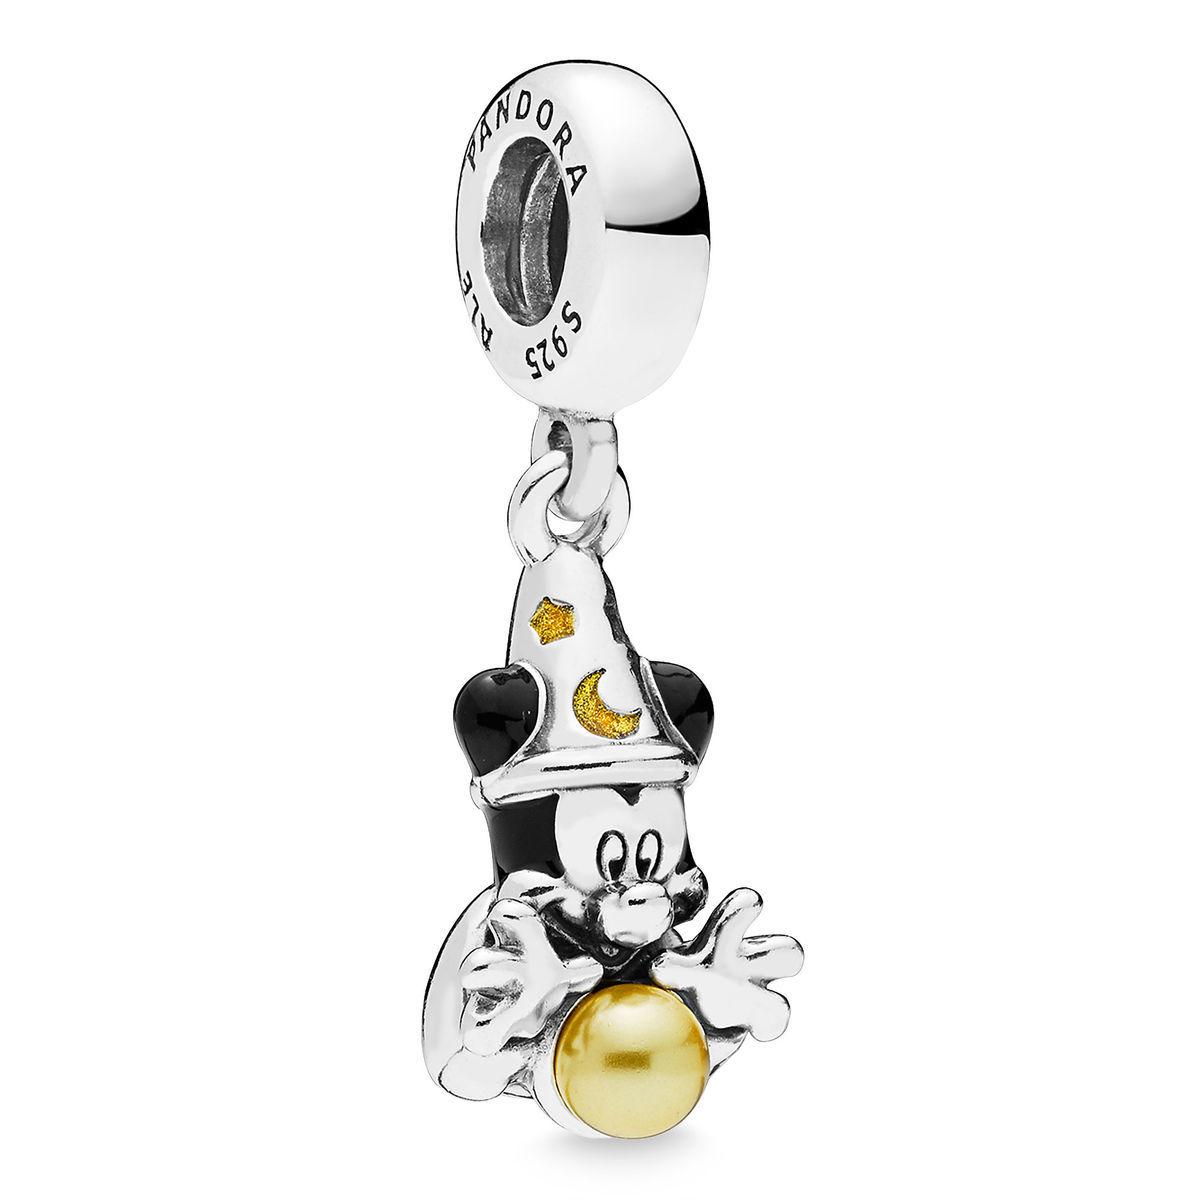 New Disney Pandora Charms Out Now Diskingdom Com